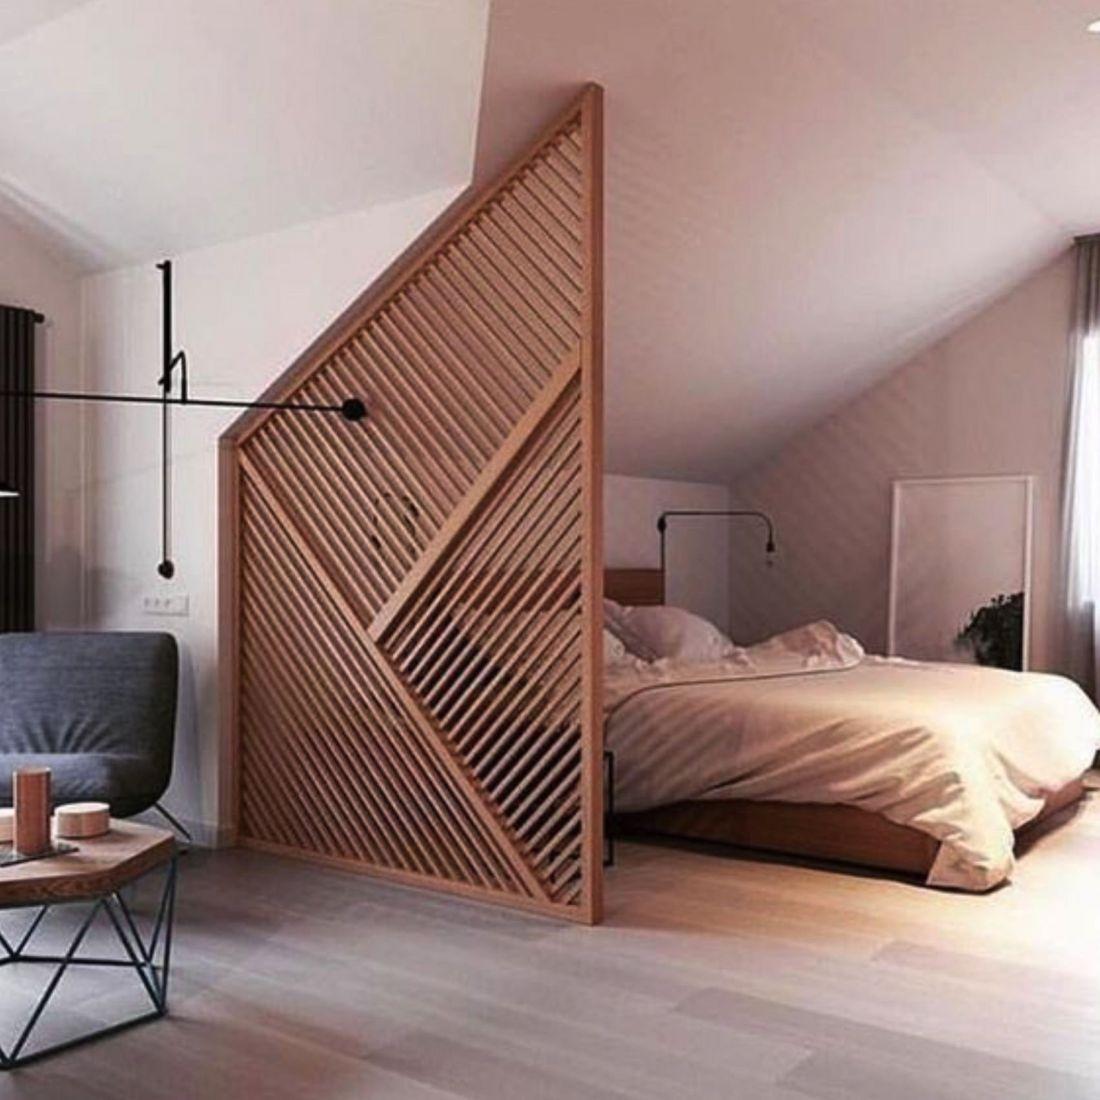 Mẫu vách ngăn phòng ngủ bằng gỗ